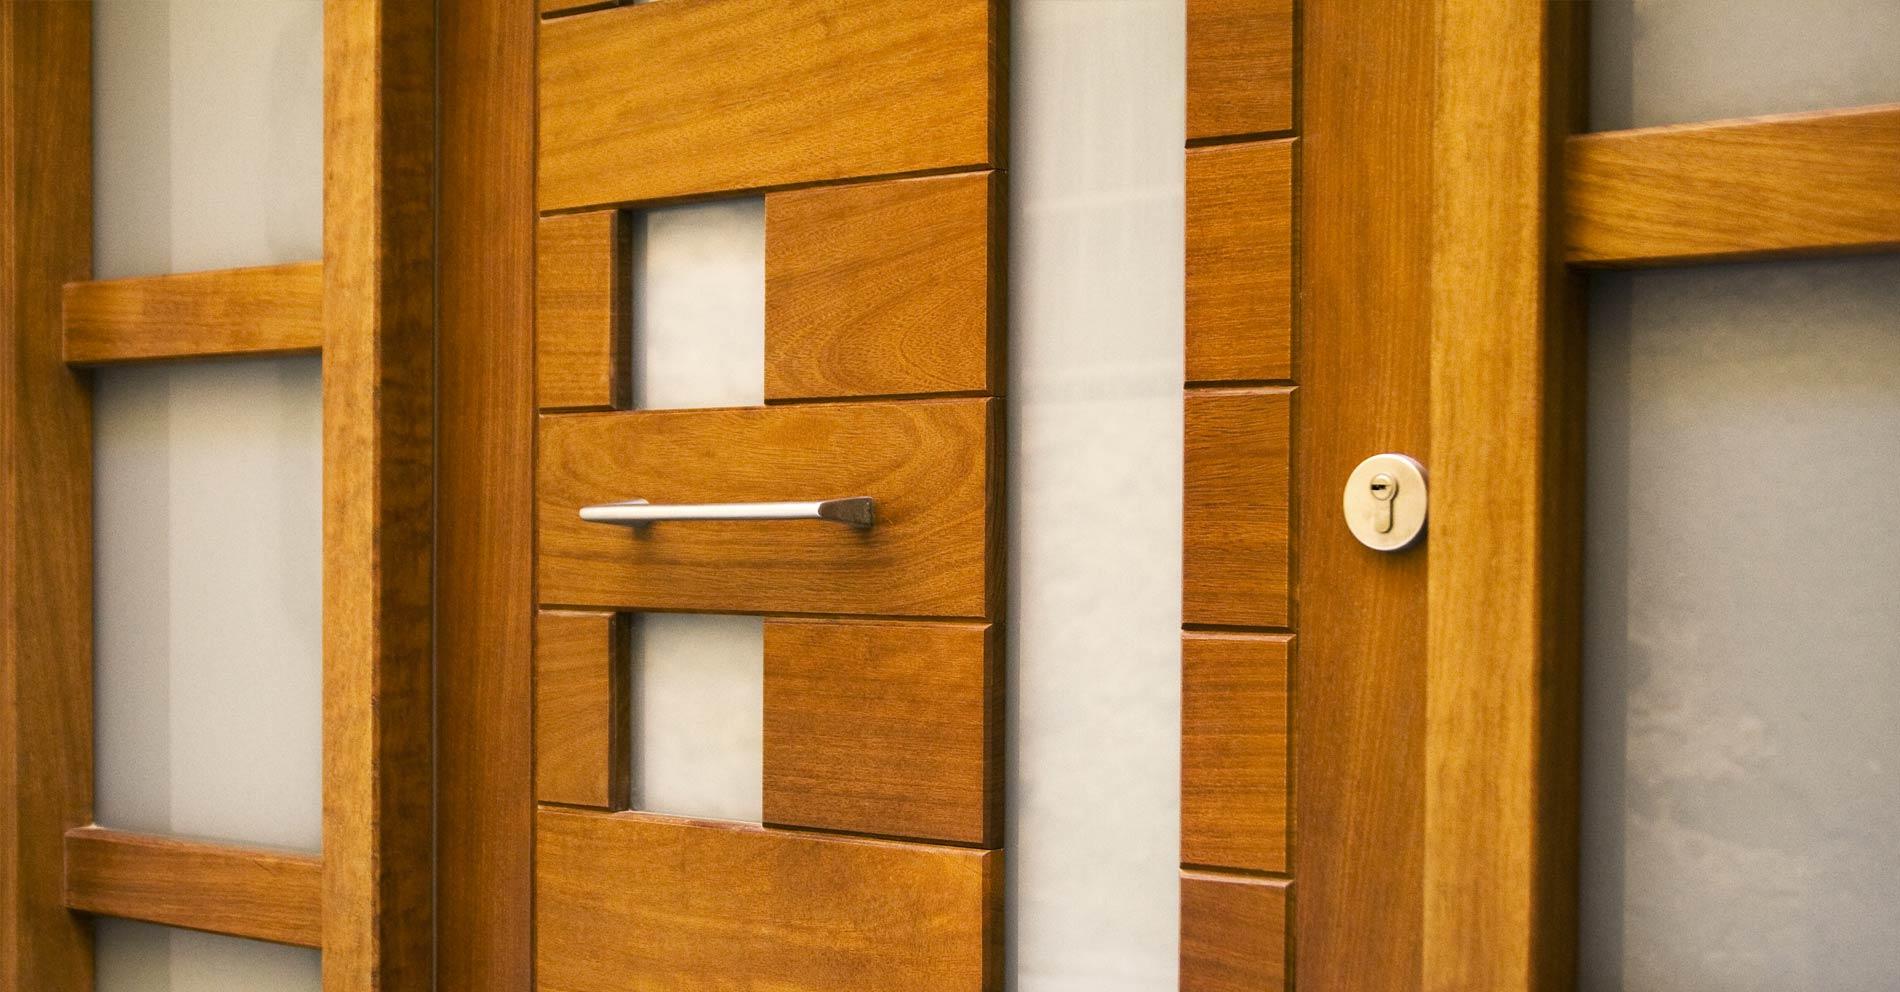 Carreté Finestres - porta d'entrada amb tancament de seguretat